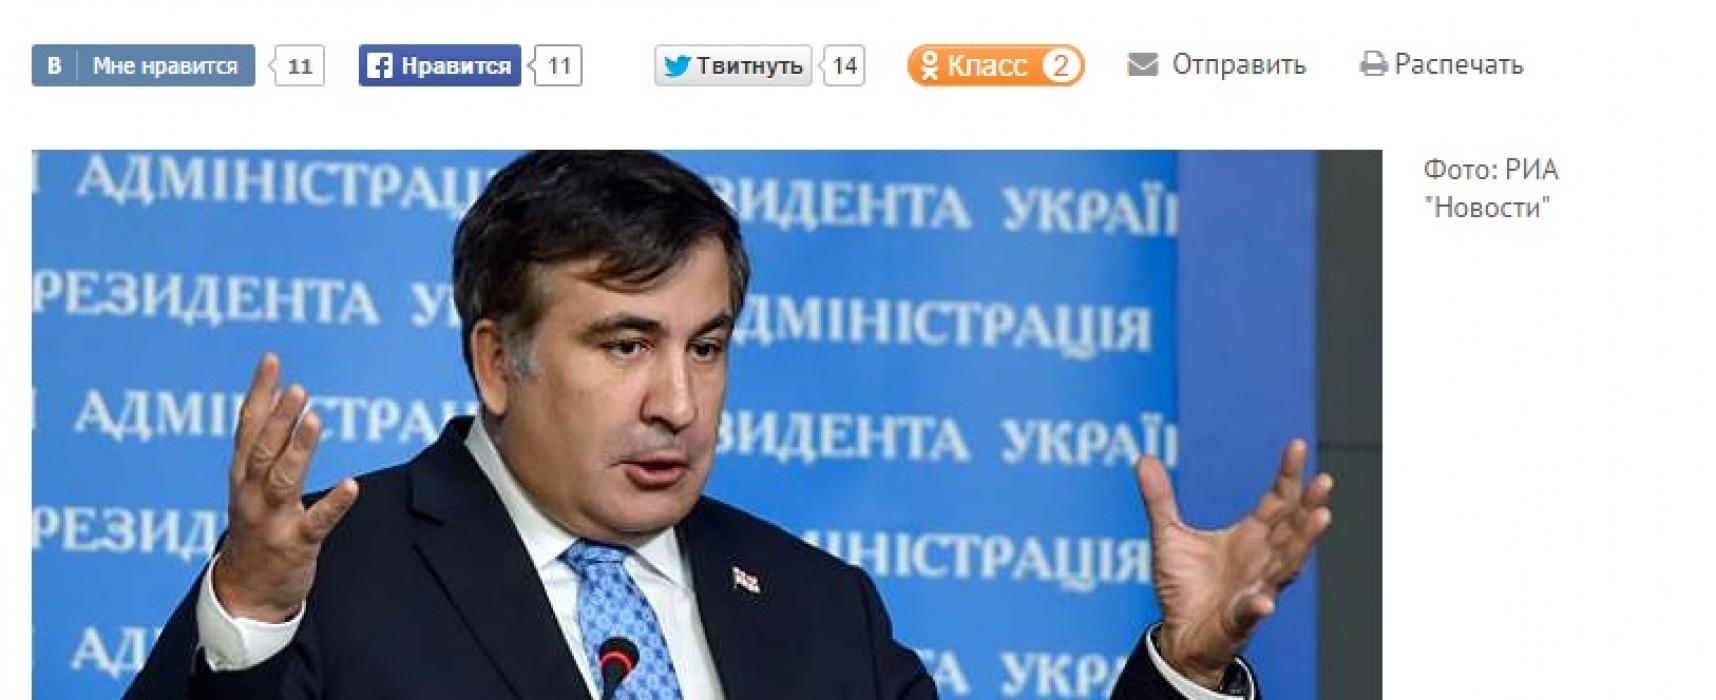 Фейк: Михаил Саакашвили уволит часть сотрудников администрации, сэкономит 4 млн гривен и перевезет семью в Одессу